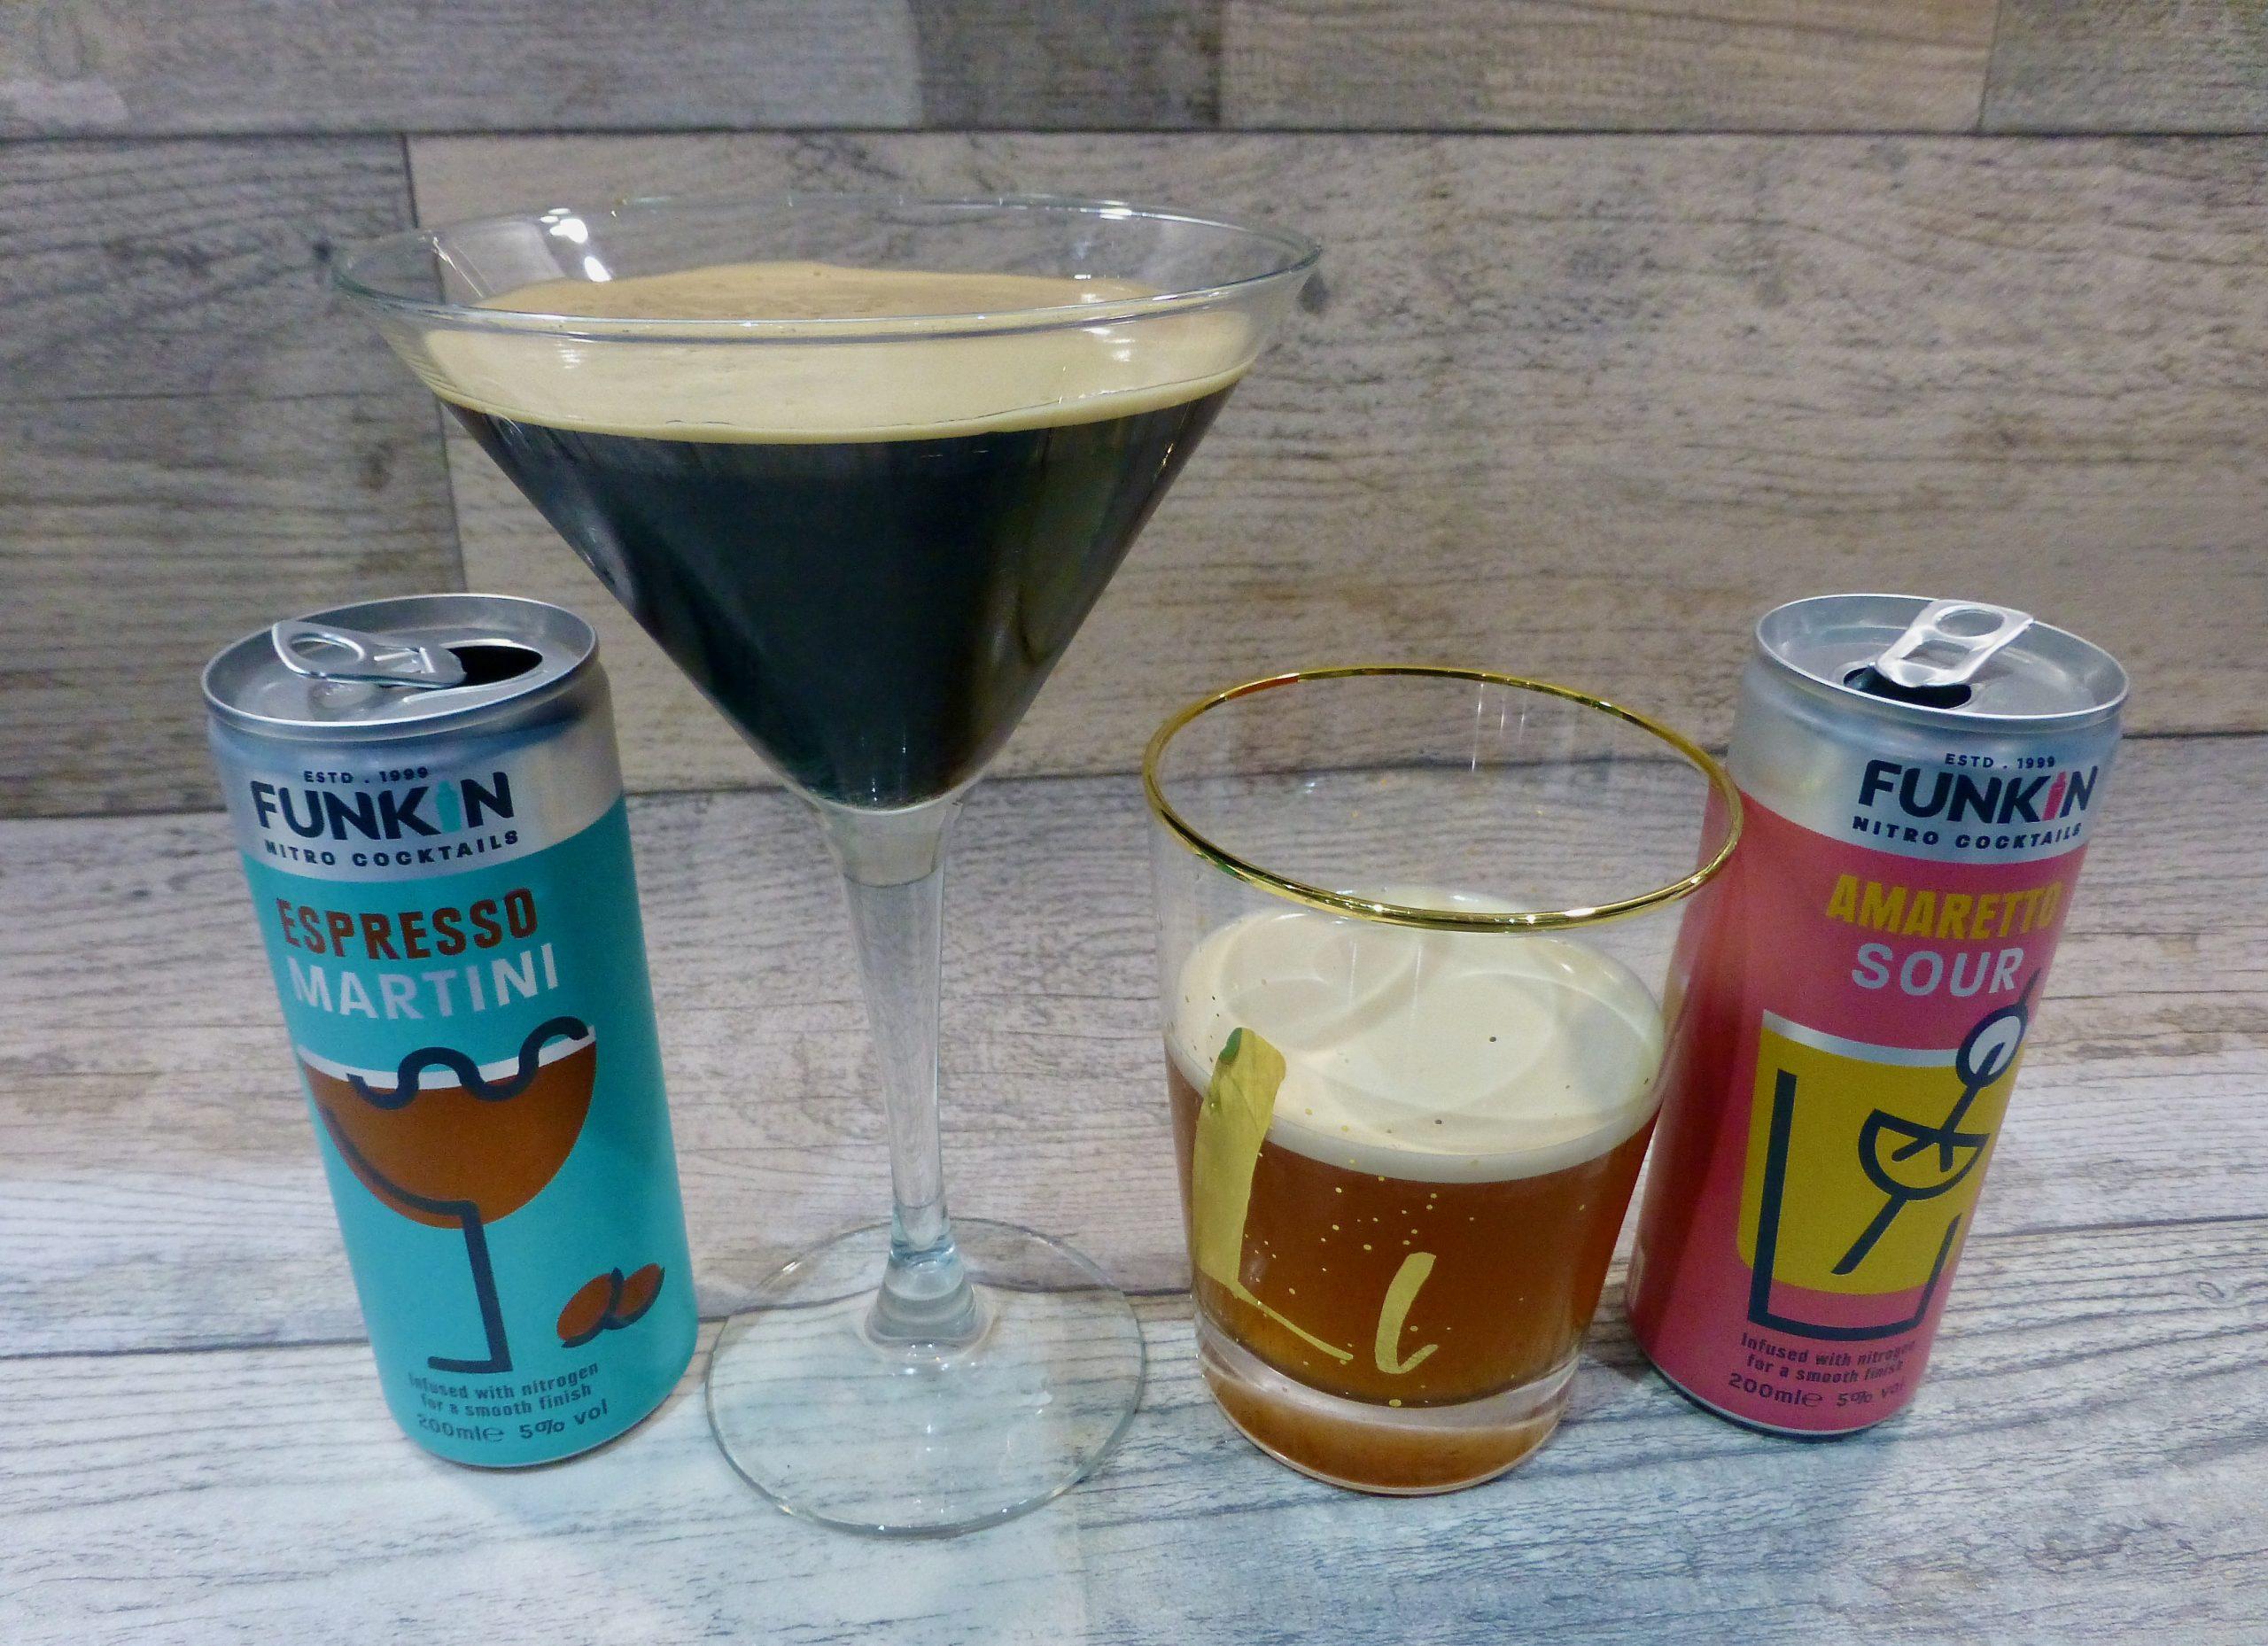 Funkin Cocktails Nitro Espresso Martini and Amaretto Sour